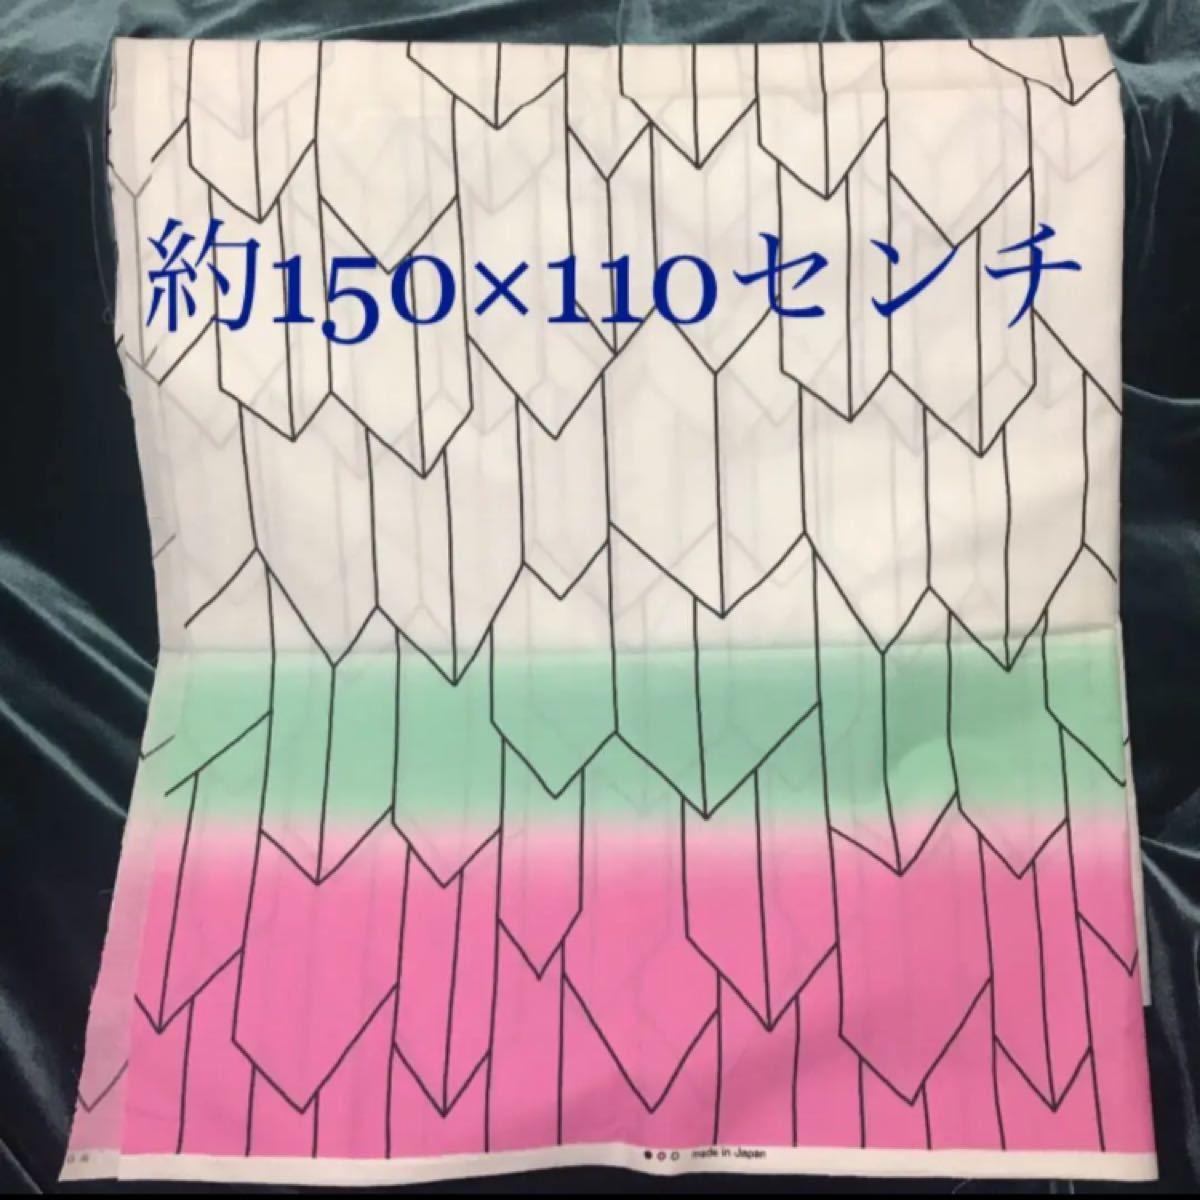 鬼滅の刃 胡蝶しのぶ 生地 約150×110 矢飛白 蝶の羽 和柄